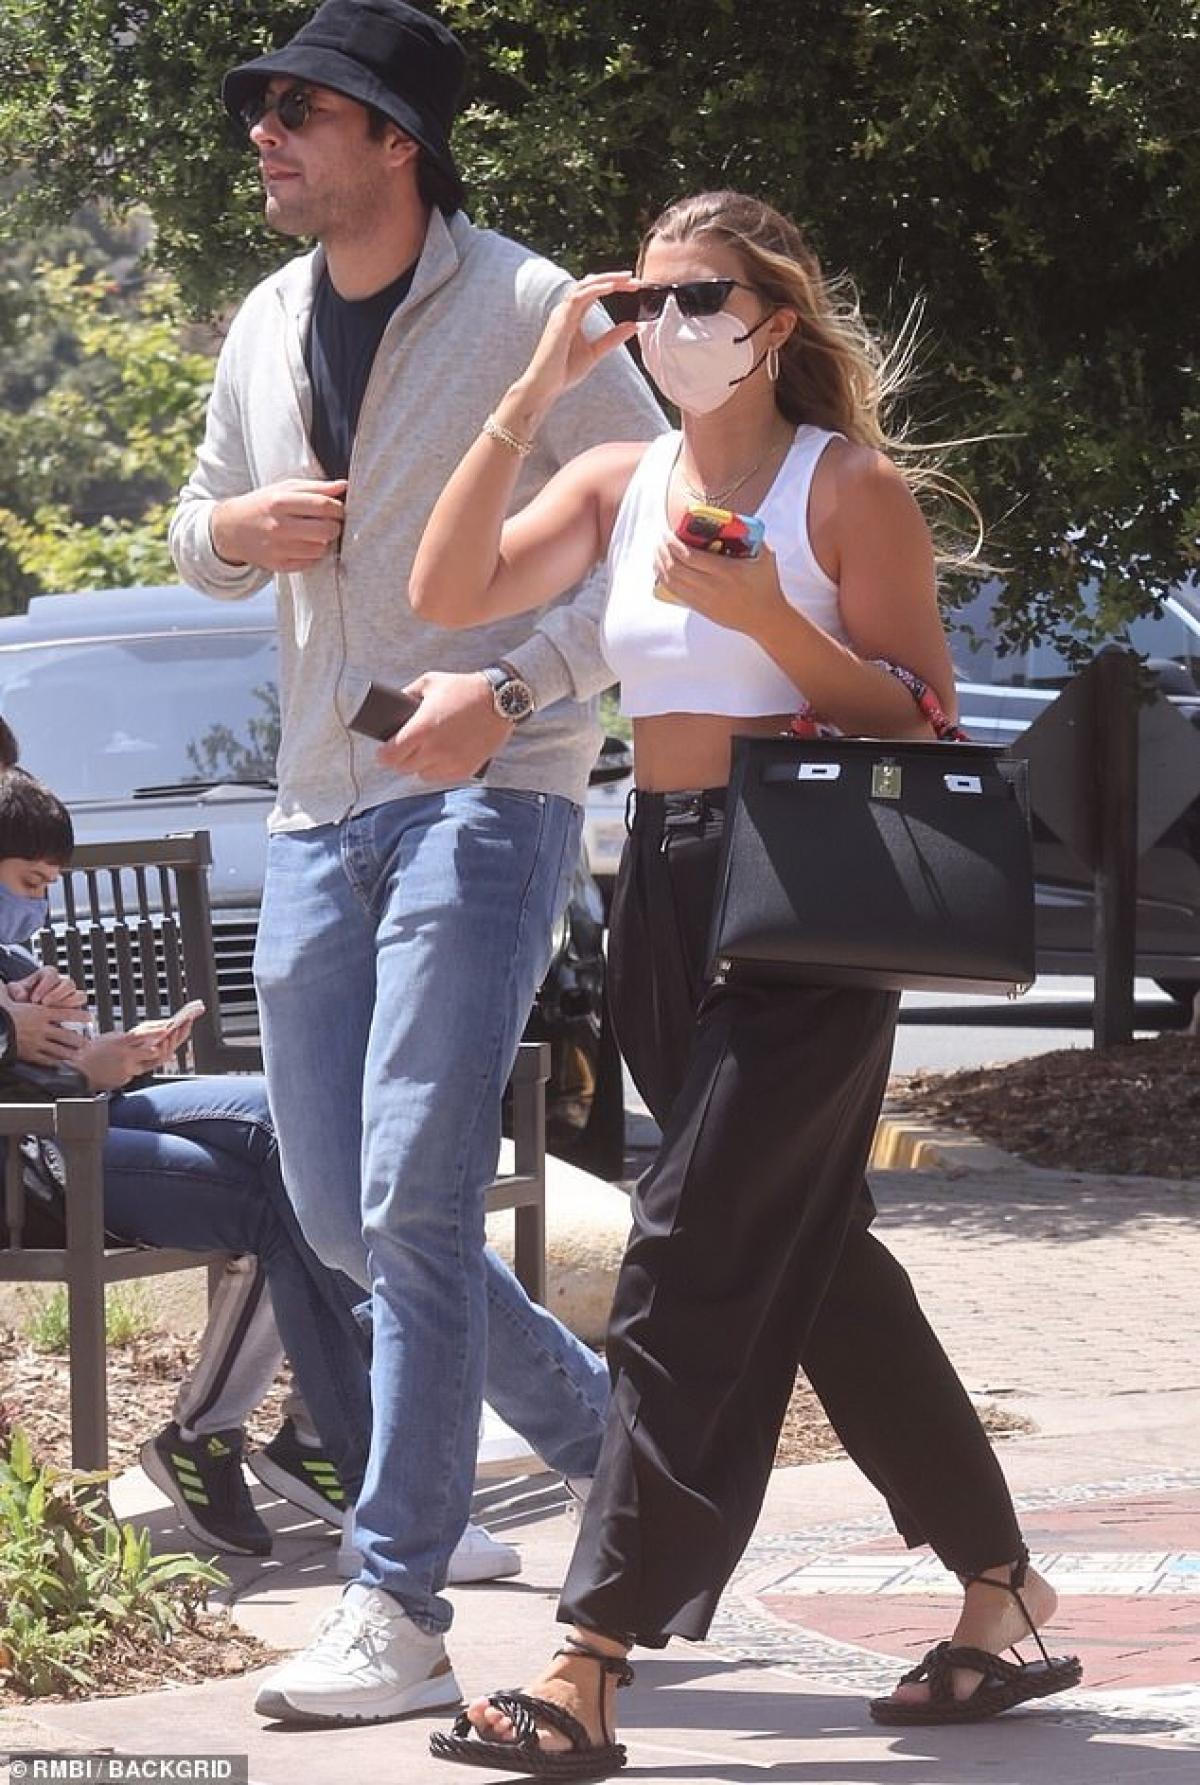 Ngày 24/5, cánh săn ảnh đã bắt gặp Sofia Richie và bạn trai Elliot Grainge đi ăn trưa cùng nhau tại Taverna Tony ở Malibu, Mỹ.